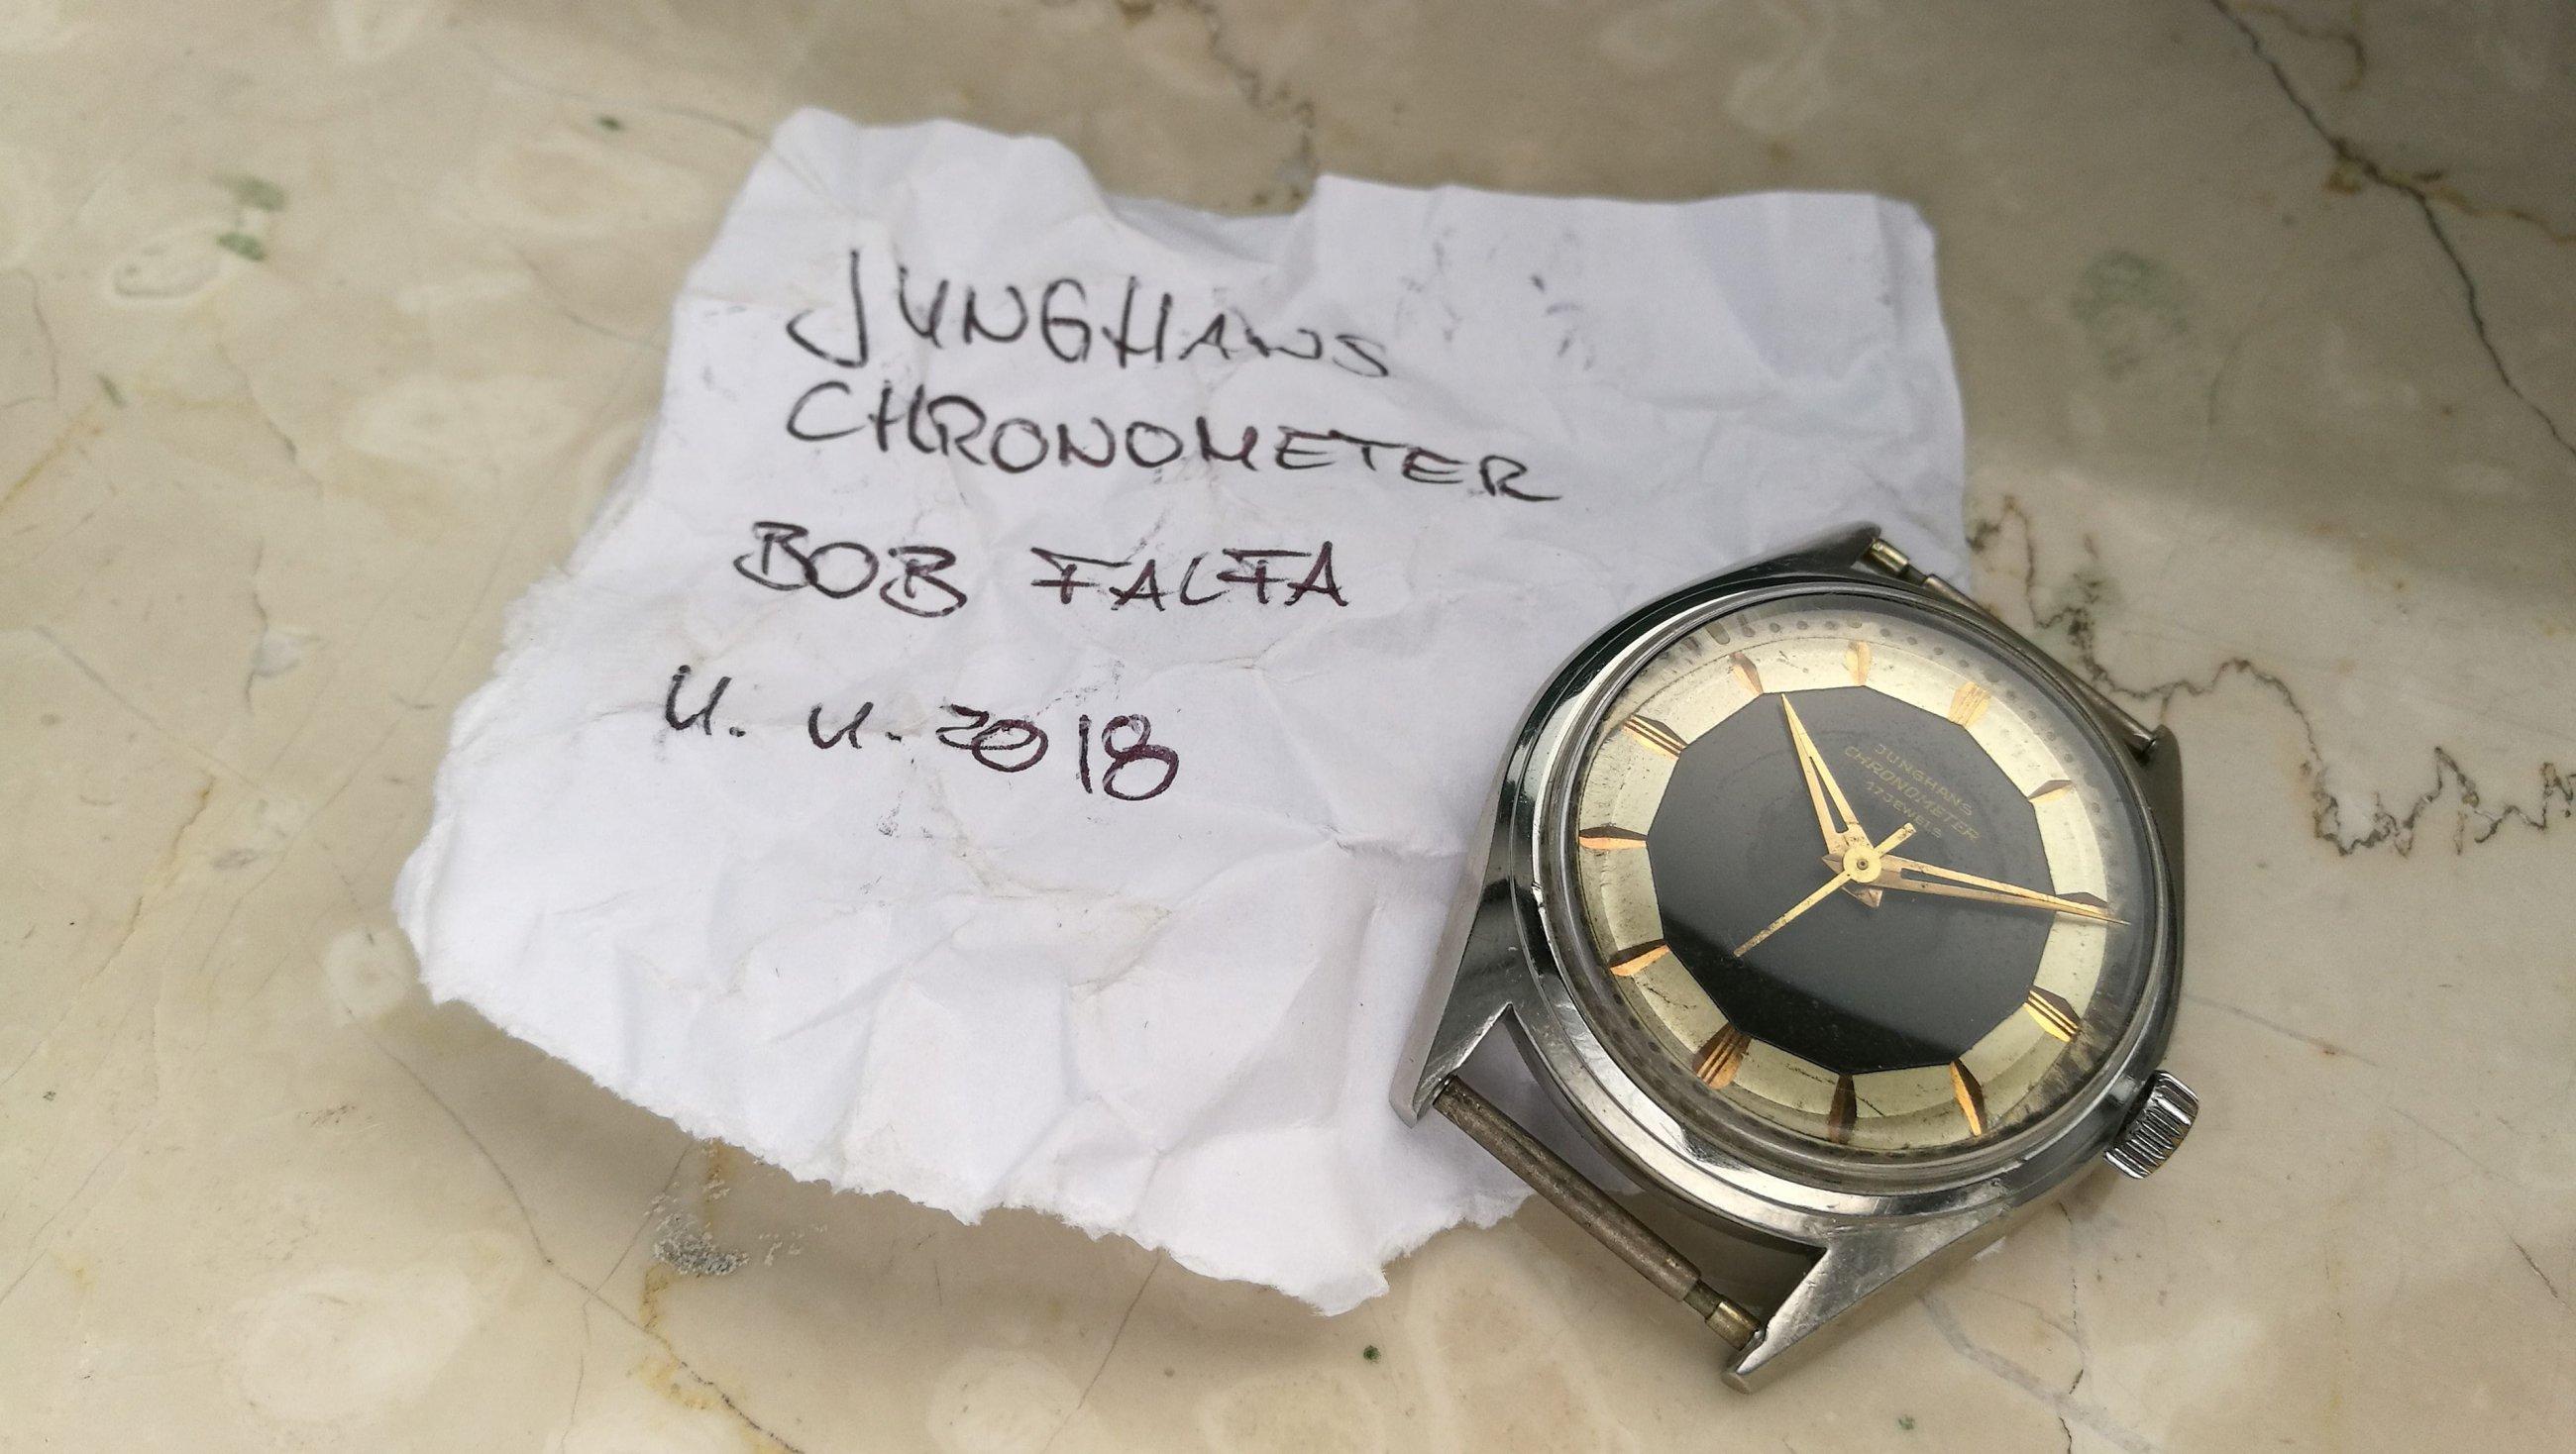 Junghans Chronometer 1.jpg